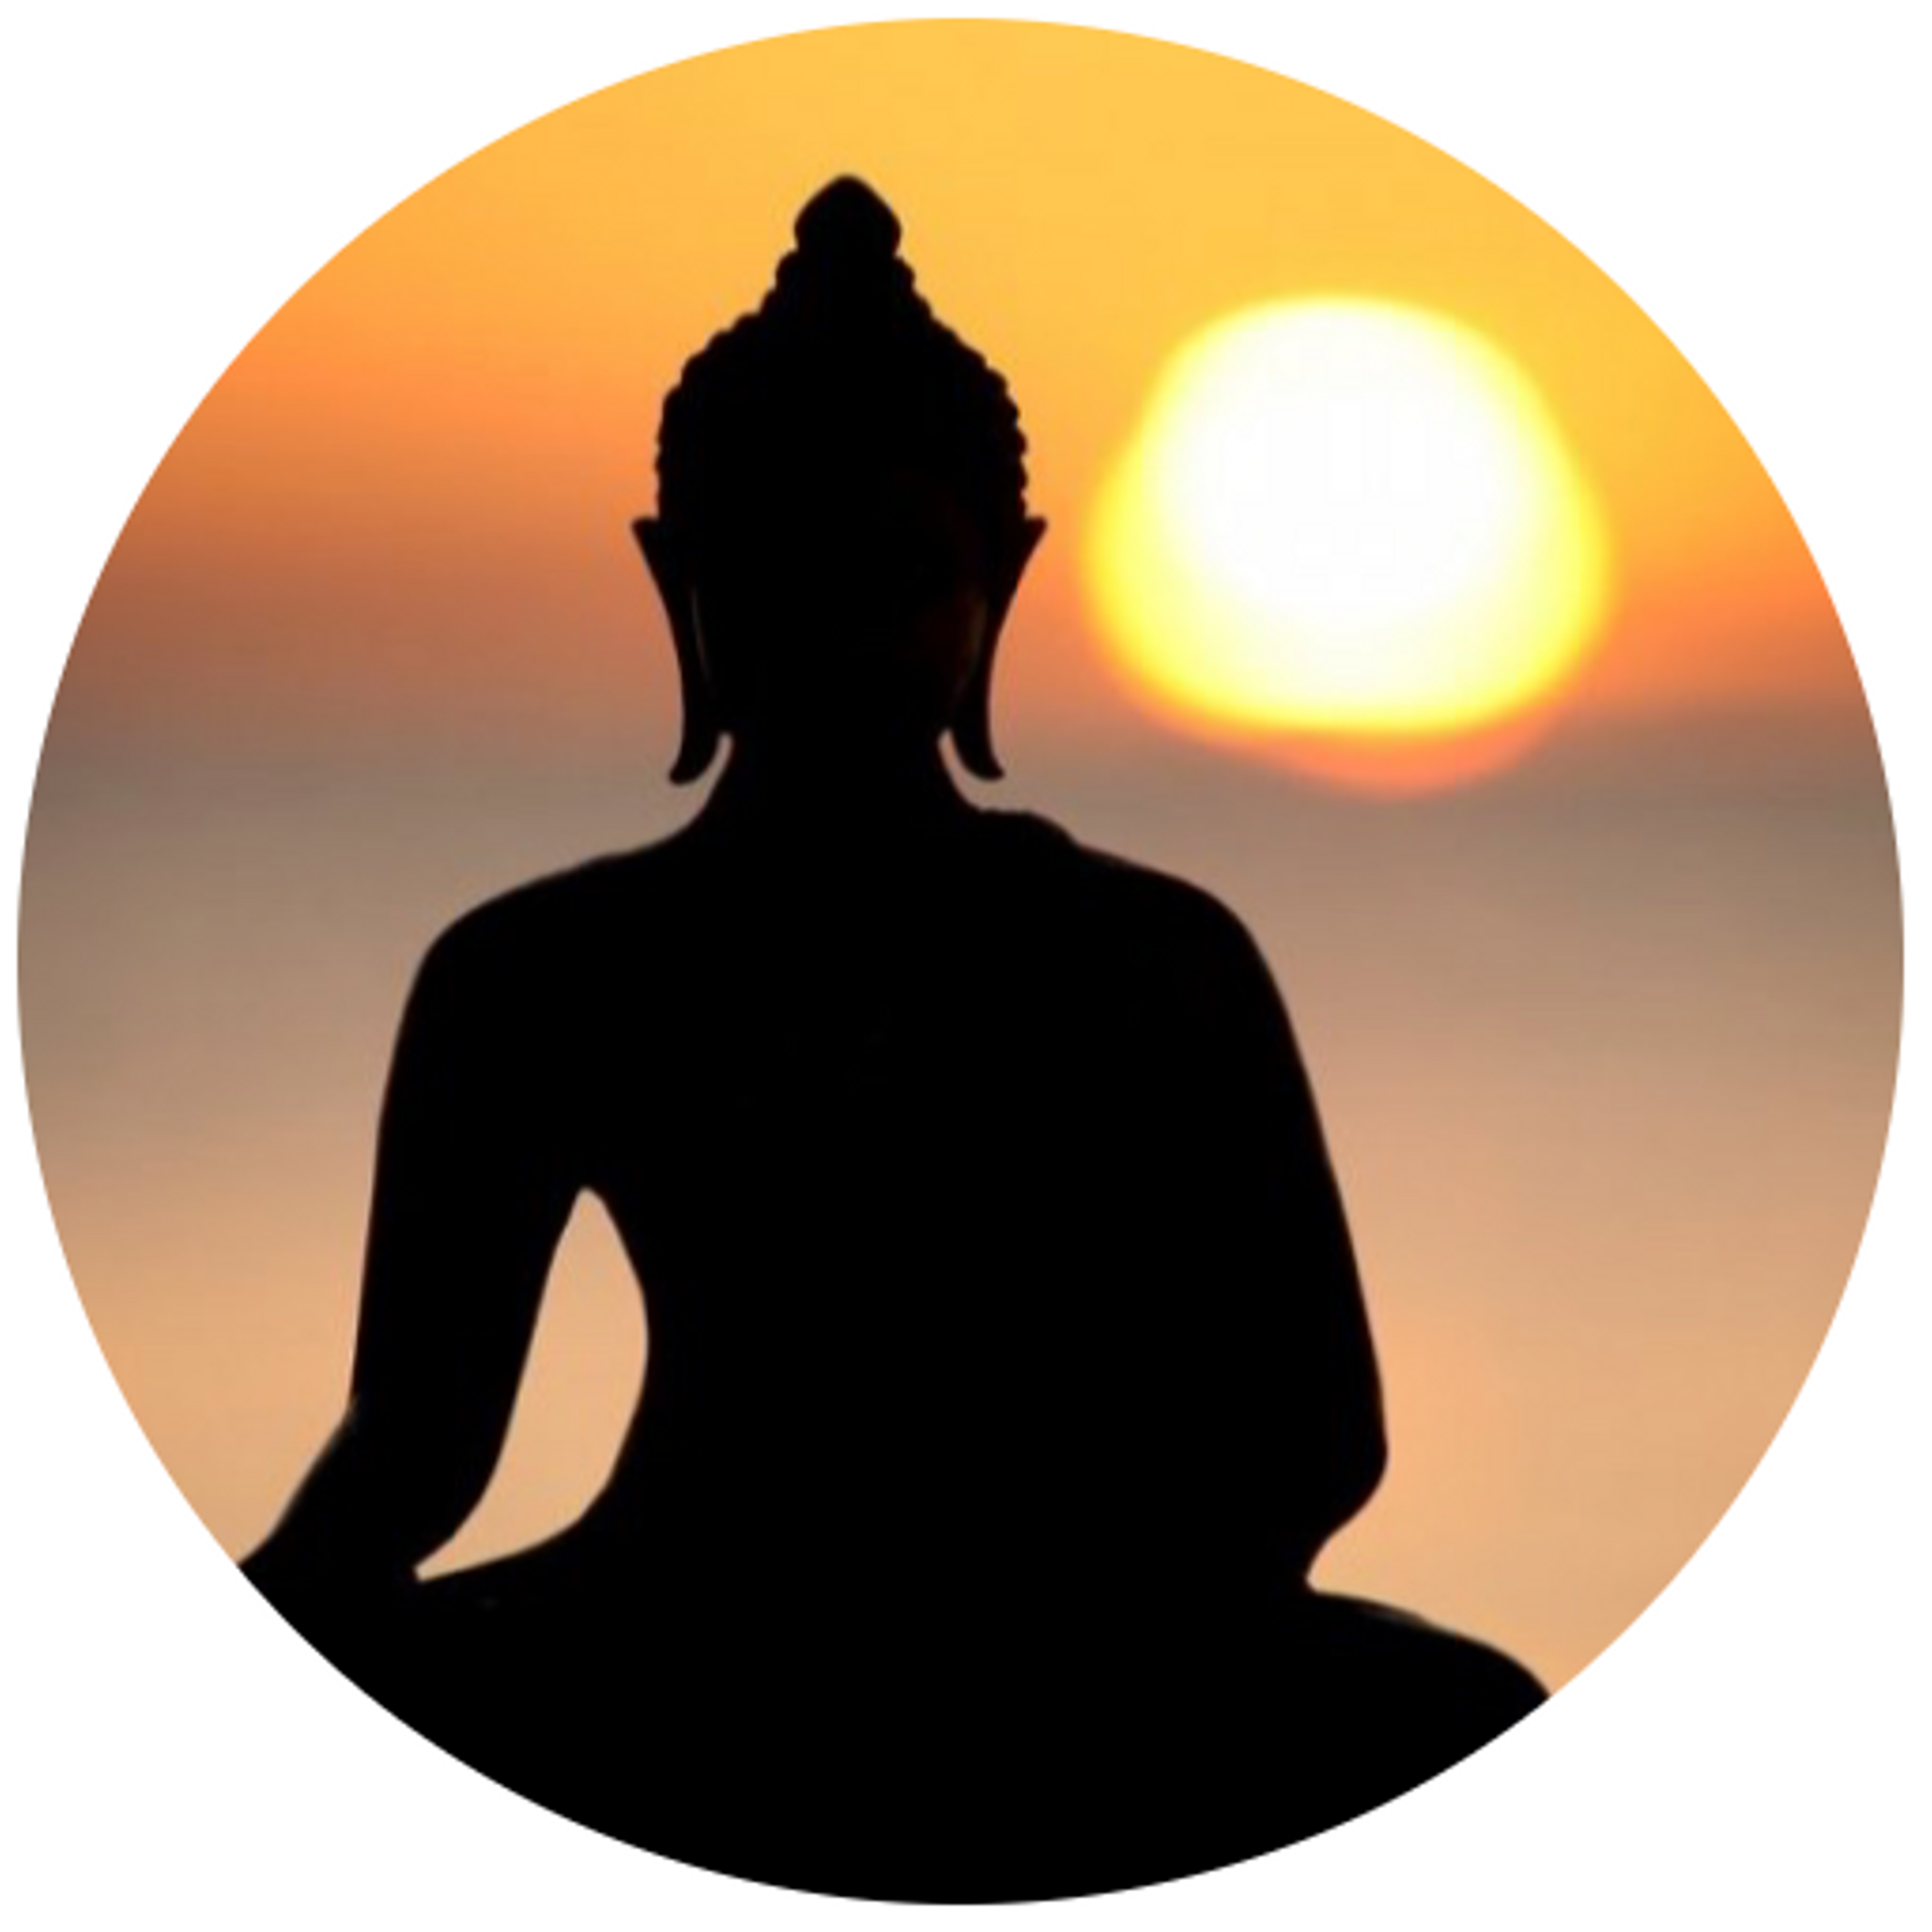 My Vipassana Meditation Retreat Experience - October 7th, 2019